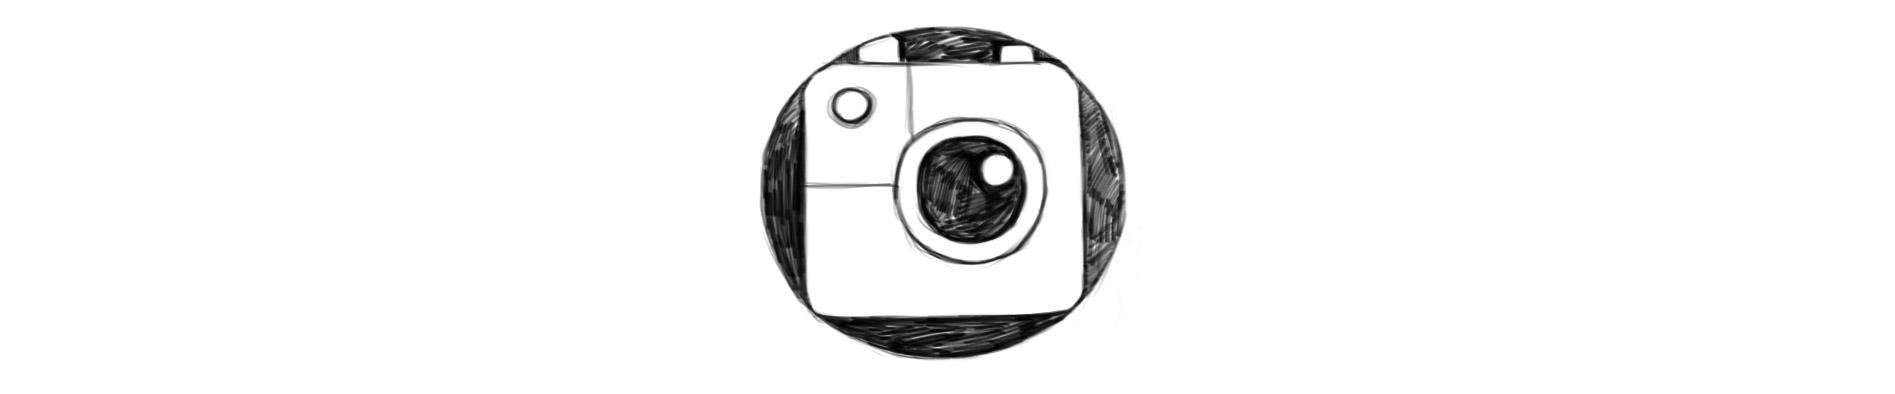 camera_icon_01